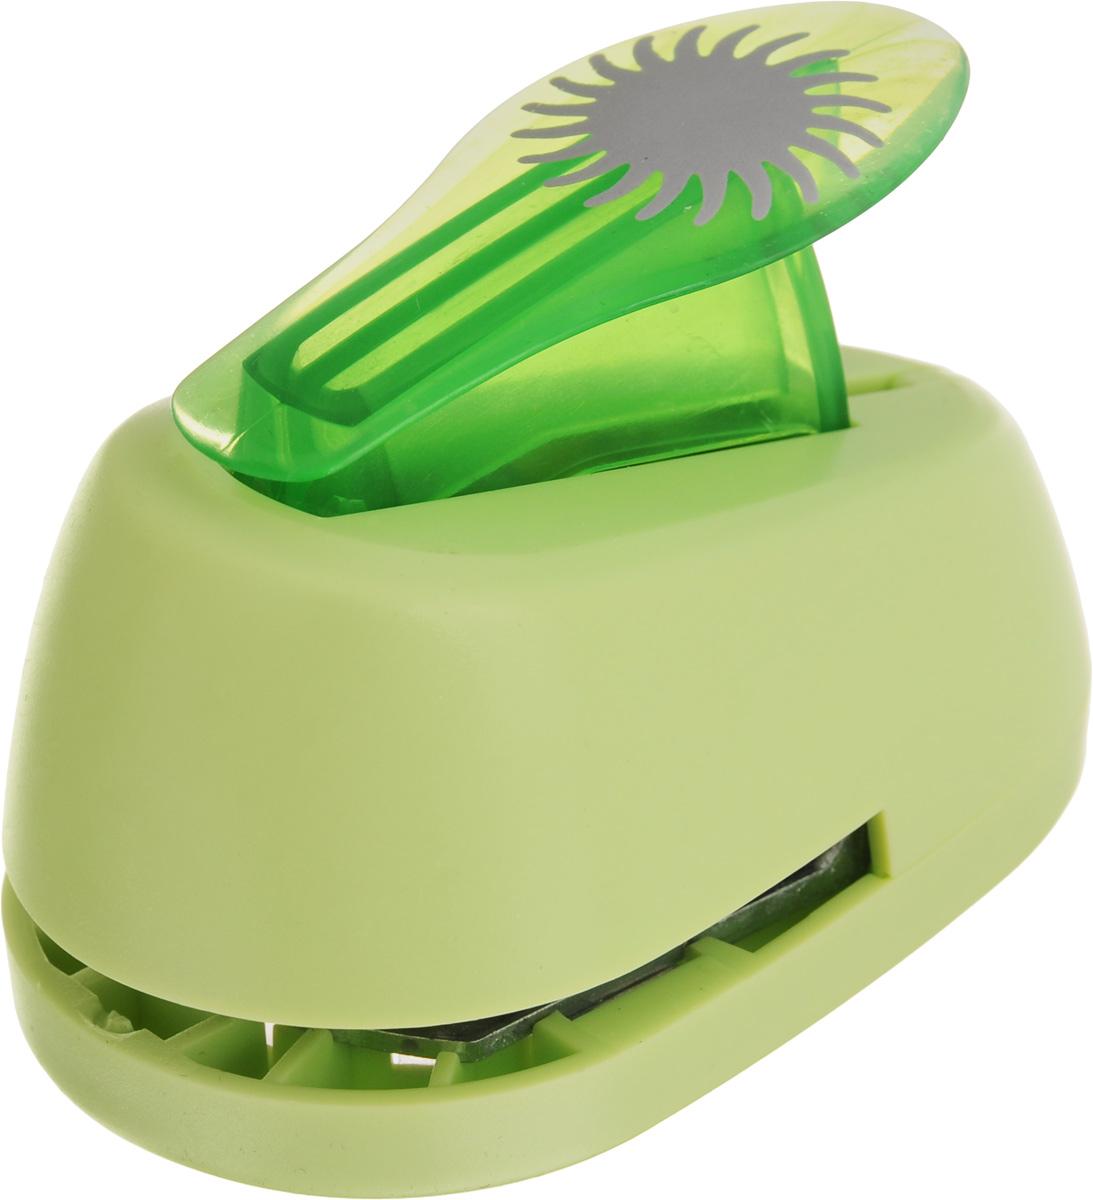 Дырокол фигурный Hobbyboom Солнце-василек, №88, цвет: салатовый, 2,5 смCD-99S-327_сиреневыйДырокол фигурный Hobbyboom Солнце-василек, выполненный из прочного пластика и металла, используется в скрапбукинге для украшения открыток, карточек, коробочек и многого другого.Применяется для прорезания фигурных отверстий в бумаге. Вырезанный элемент также можно использовать для украшения.При применении на бумаге большей плотности или на картоне дырокол быстро затупится. Чтобы заточить нож компостера, нужно прокомпостировать самую тонкую наждачку. Предназначен для бумаги плотностью от 80 до 200 г/м2. Размер дырокола: 8 х 5 х 5,5 см.Размер готовой фигурки: 2,5 х 2,5 см.